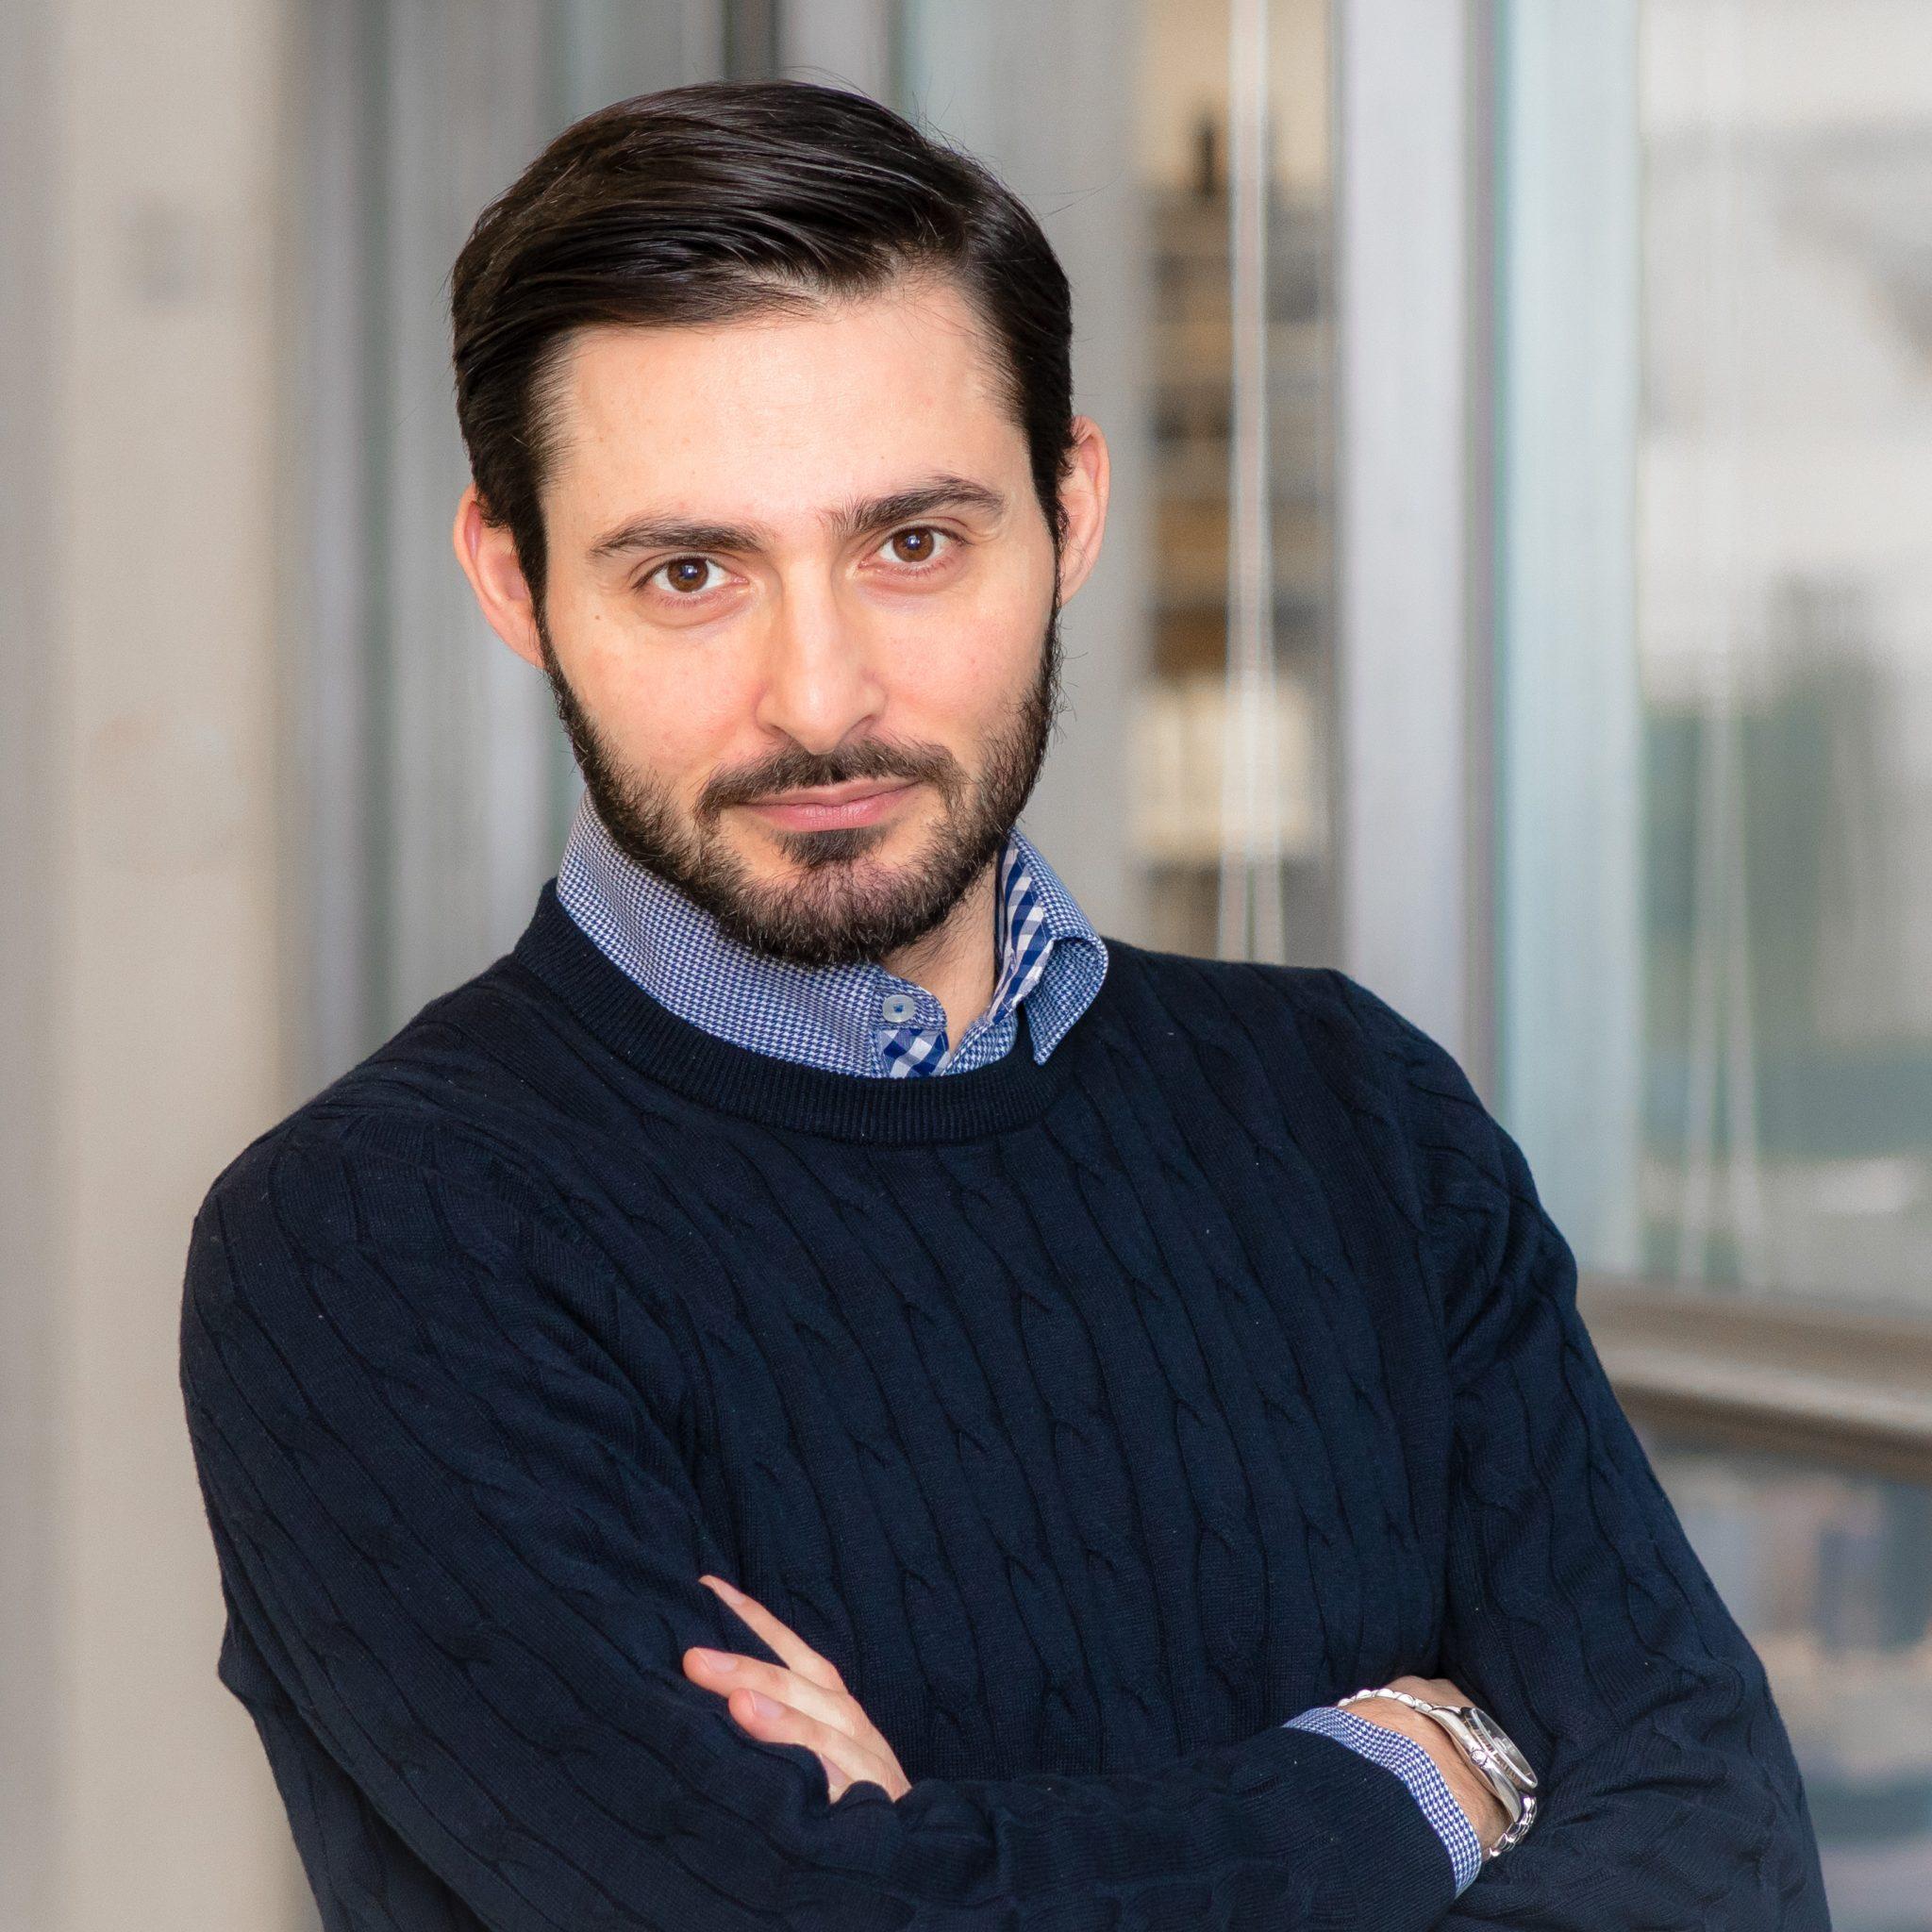 Fabrizio Maiorano